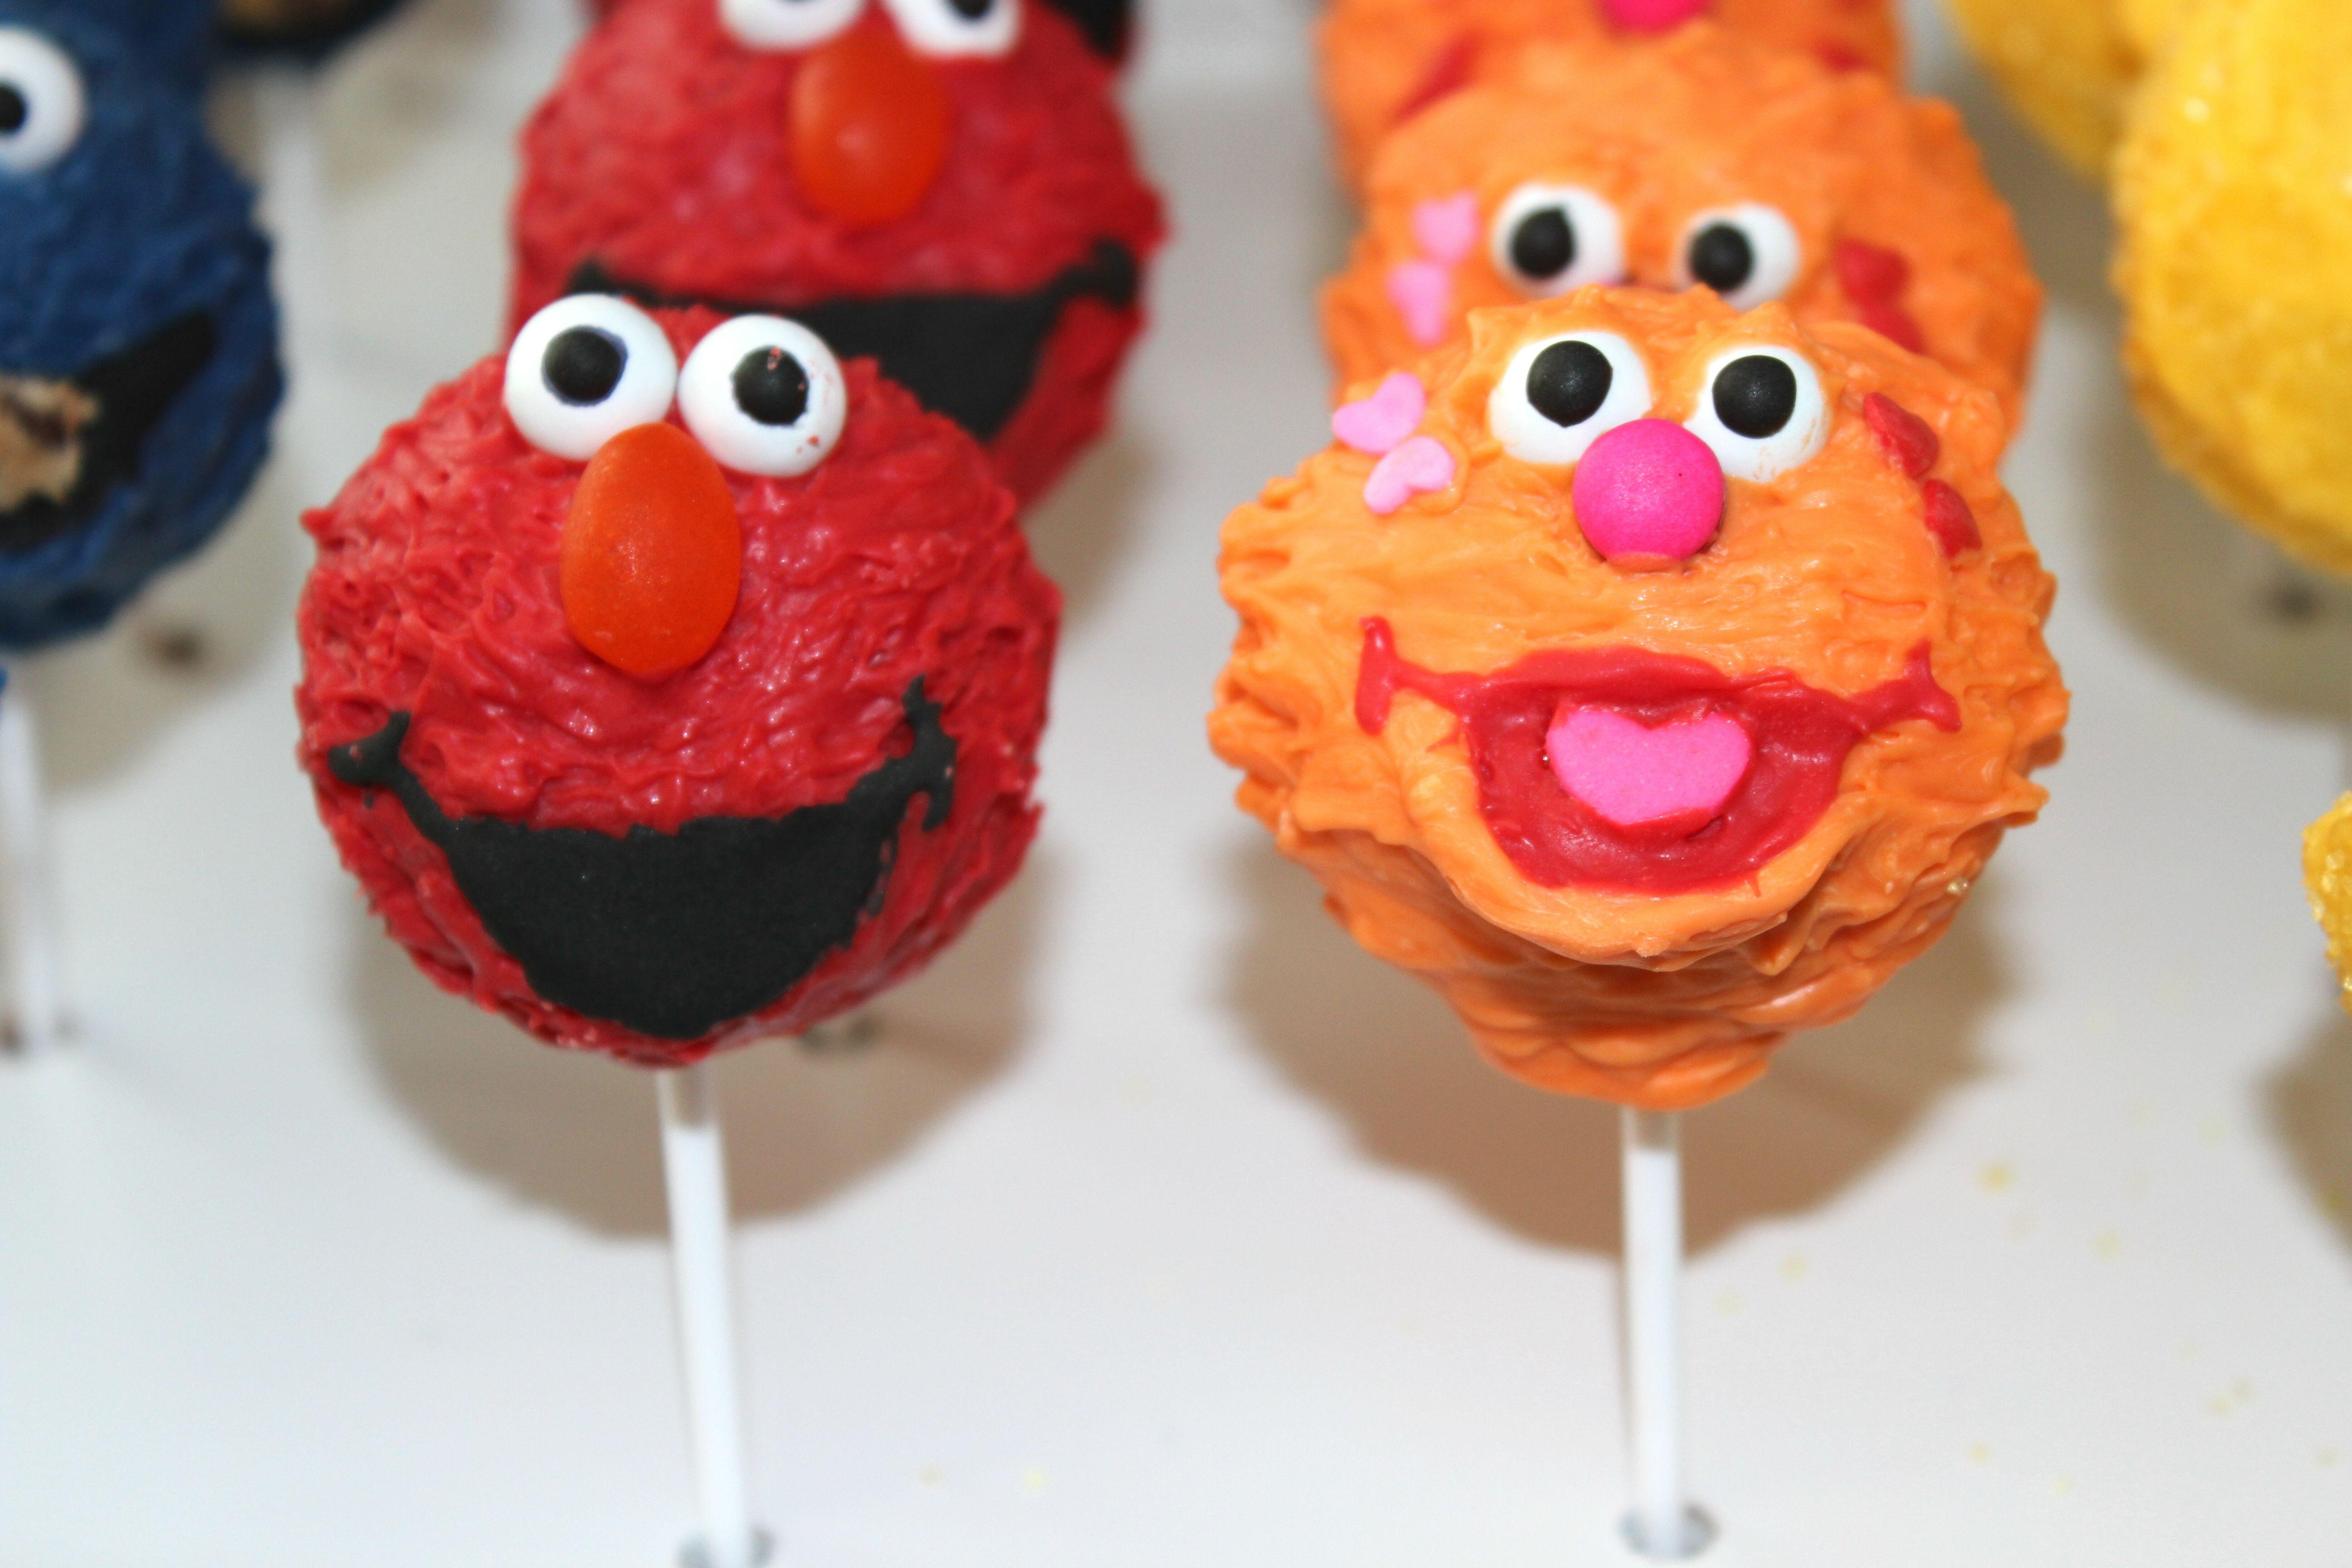 Elmo zoe cake pops sesame street cookies brownie pops